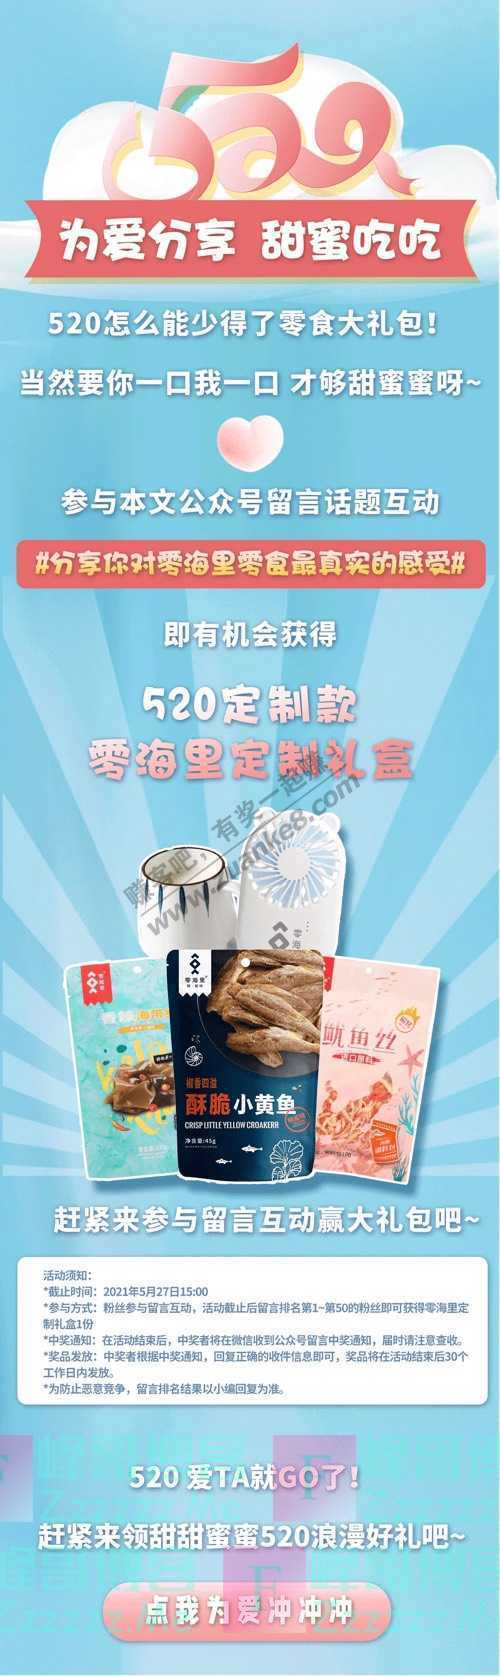 广东美宜佳0元领!520零食礼盒!送给挚爱的TA~(5月27日截止)